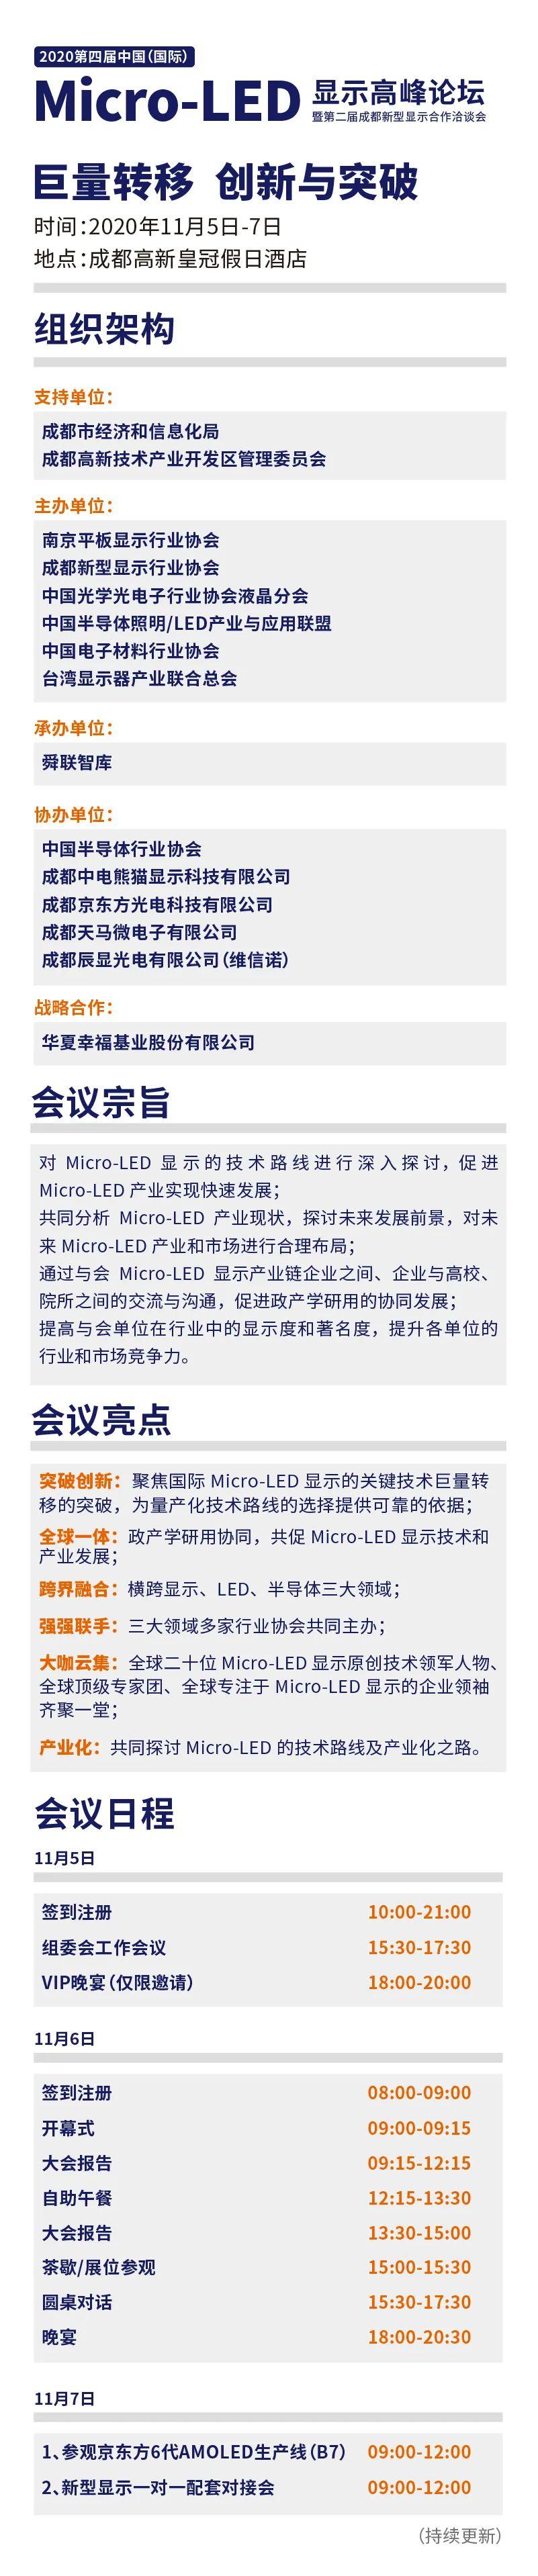 突破巨量转移,2020年Micro-LED压轴大戏即将登场  第2张